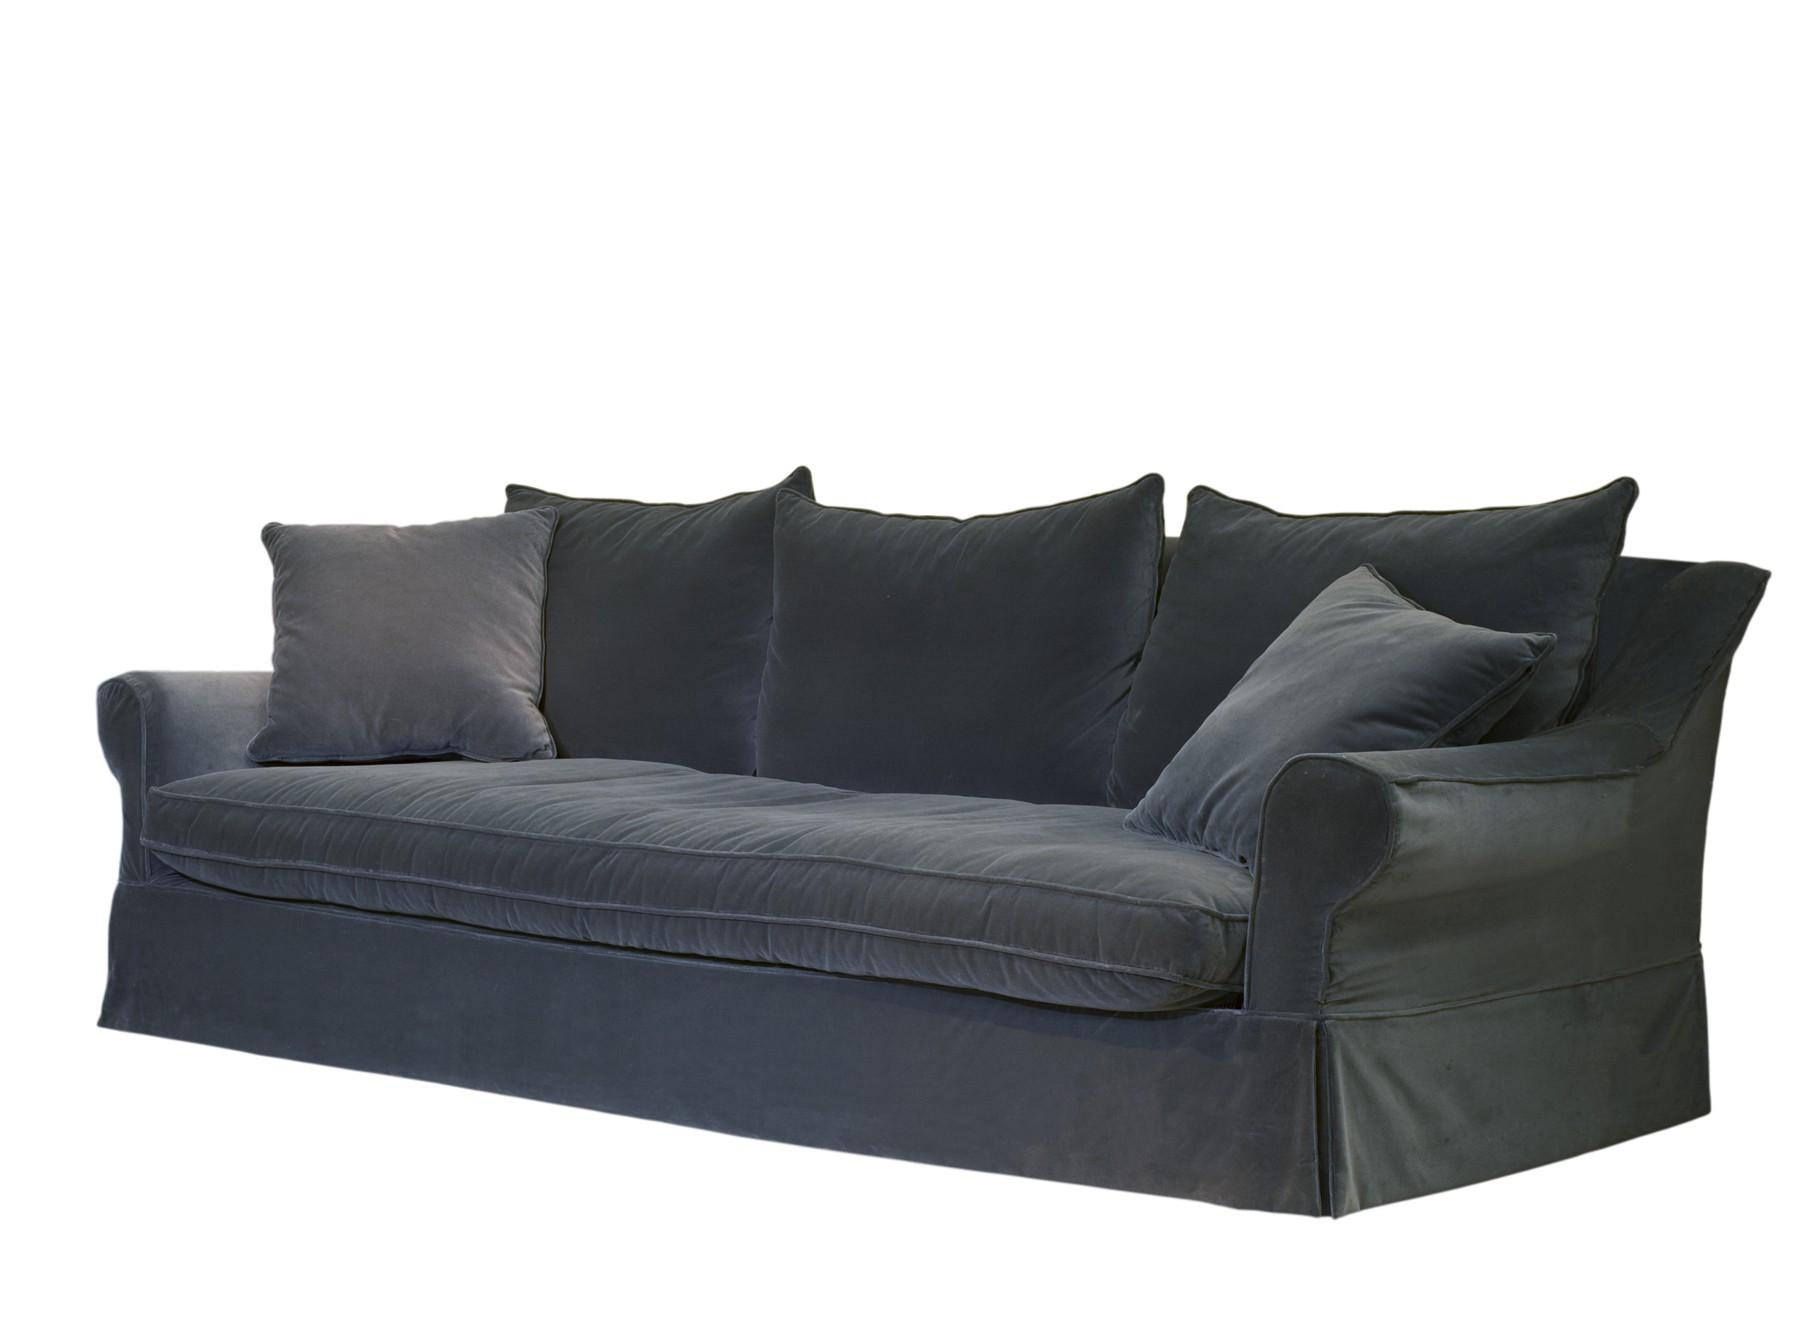 Tapizado de sofa latest tapizar sof with tapizado de sofa - Presupuesto tapizar sofa ...